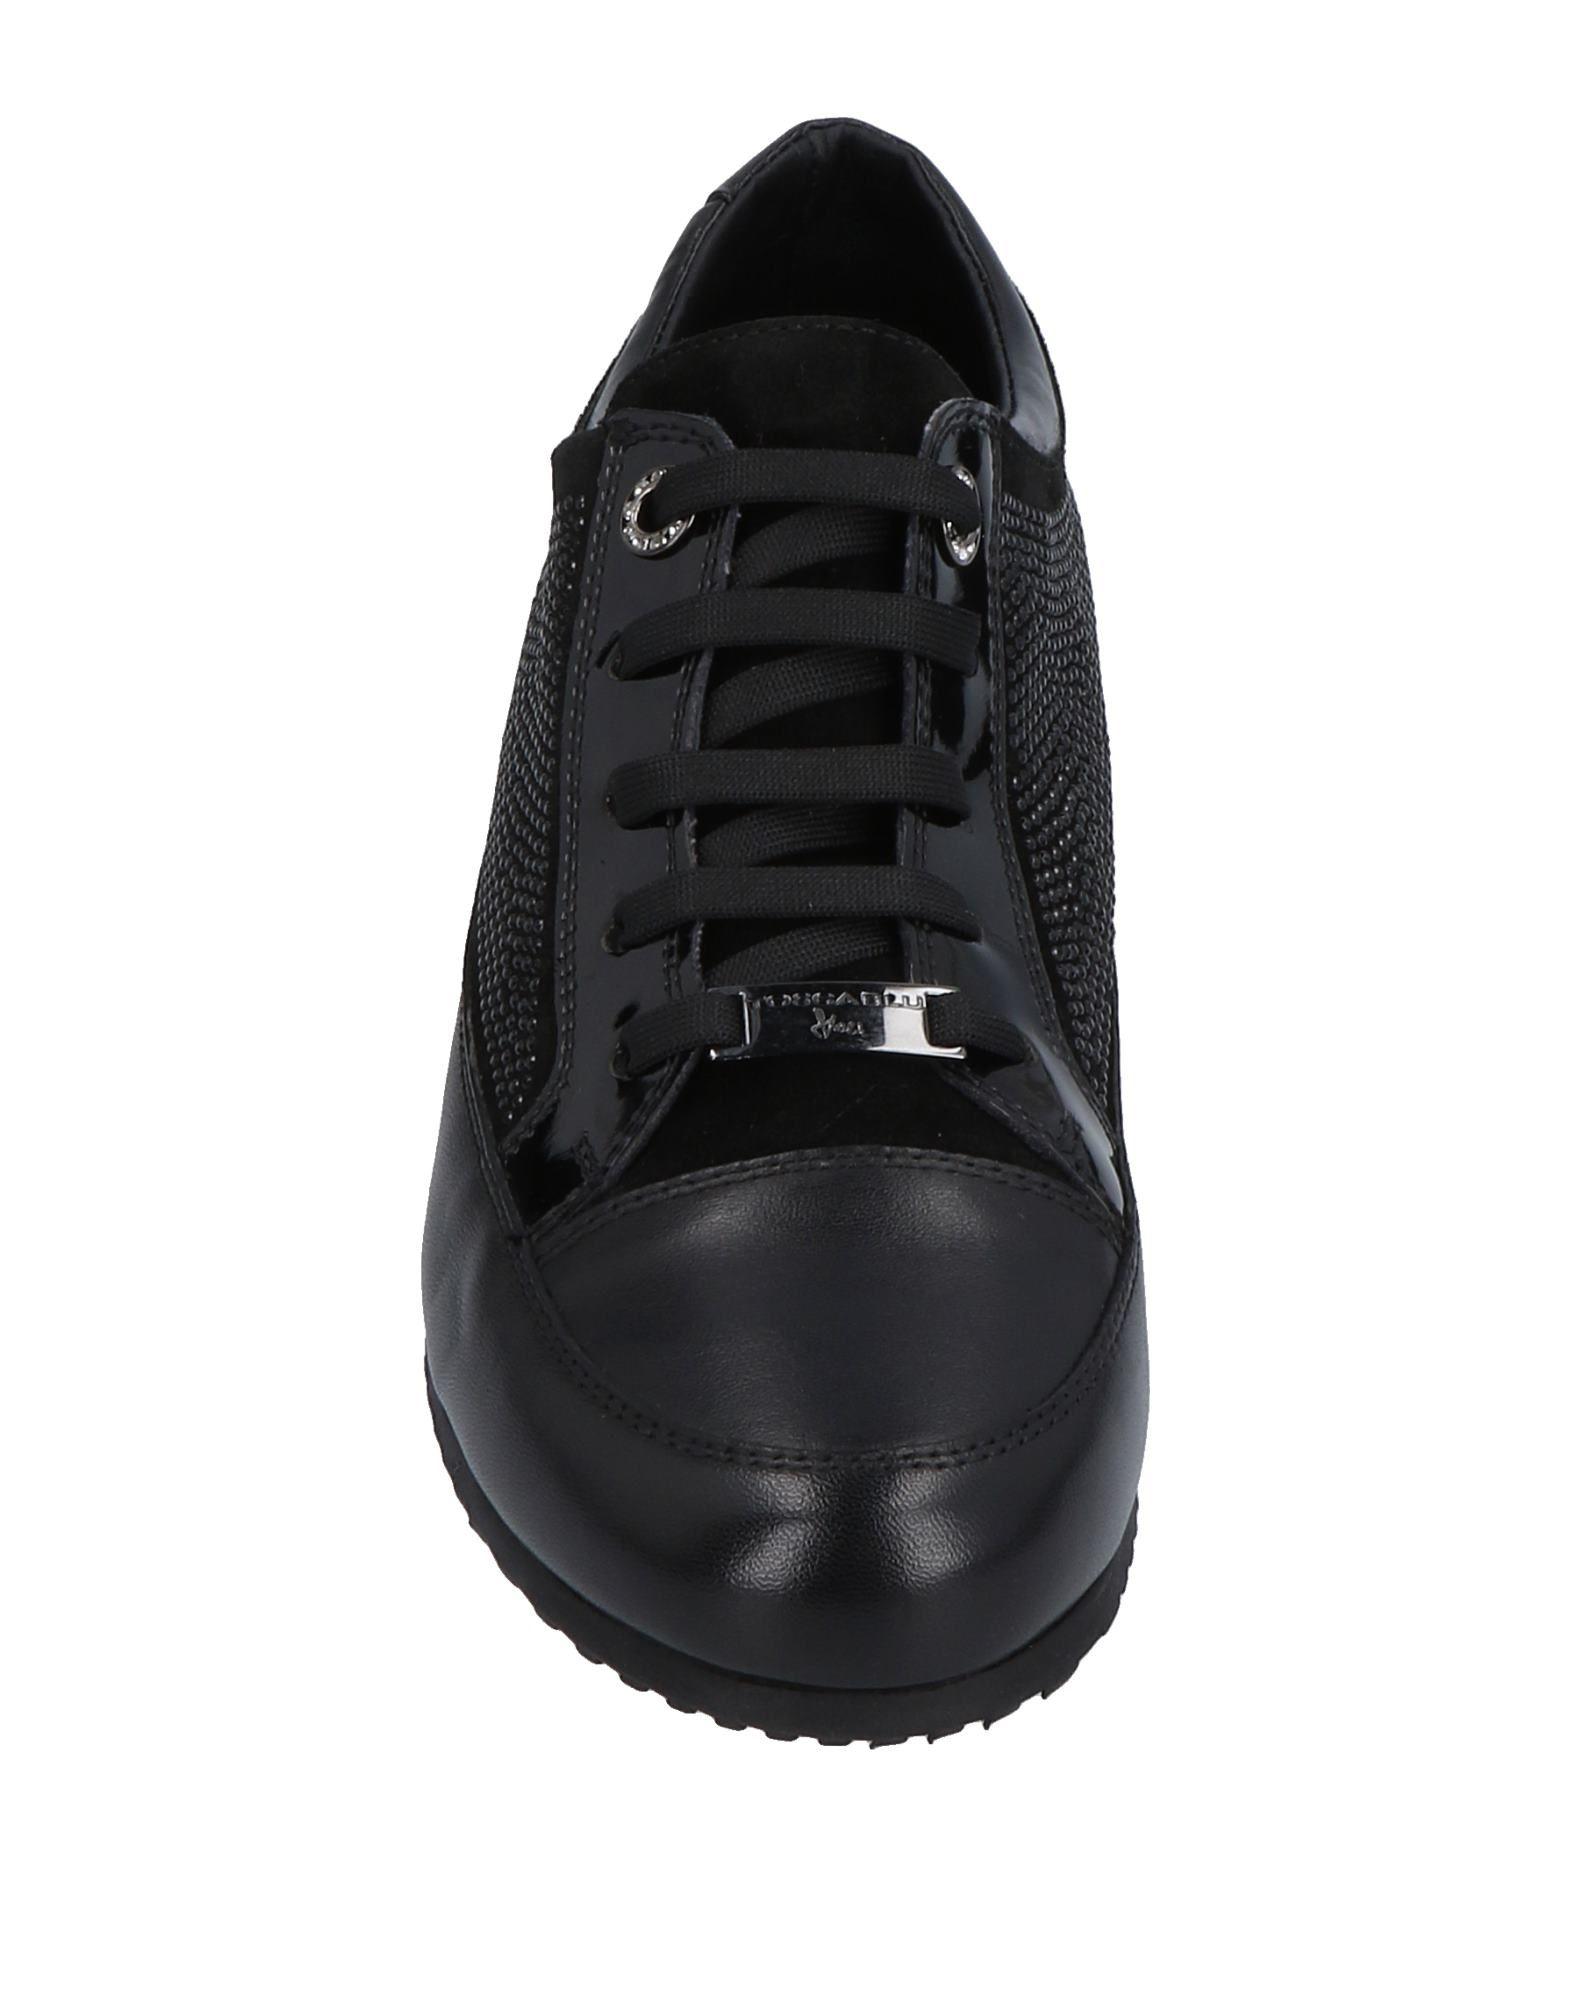 Tosca Blu 11491205FQ Shoes Sneakers Damen  11491205FQ Blu Gute Qualität beliebte Schuhe 5c9cda